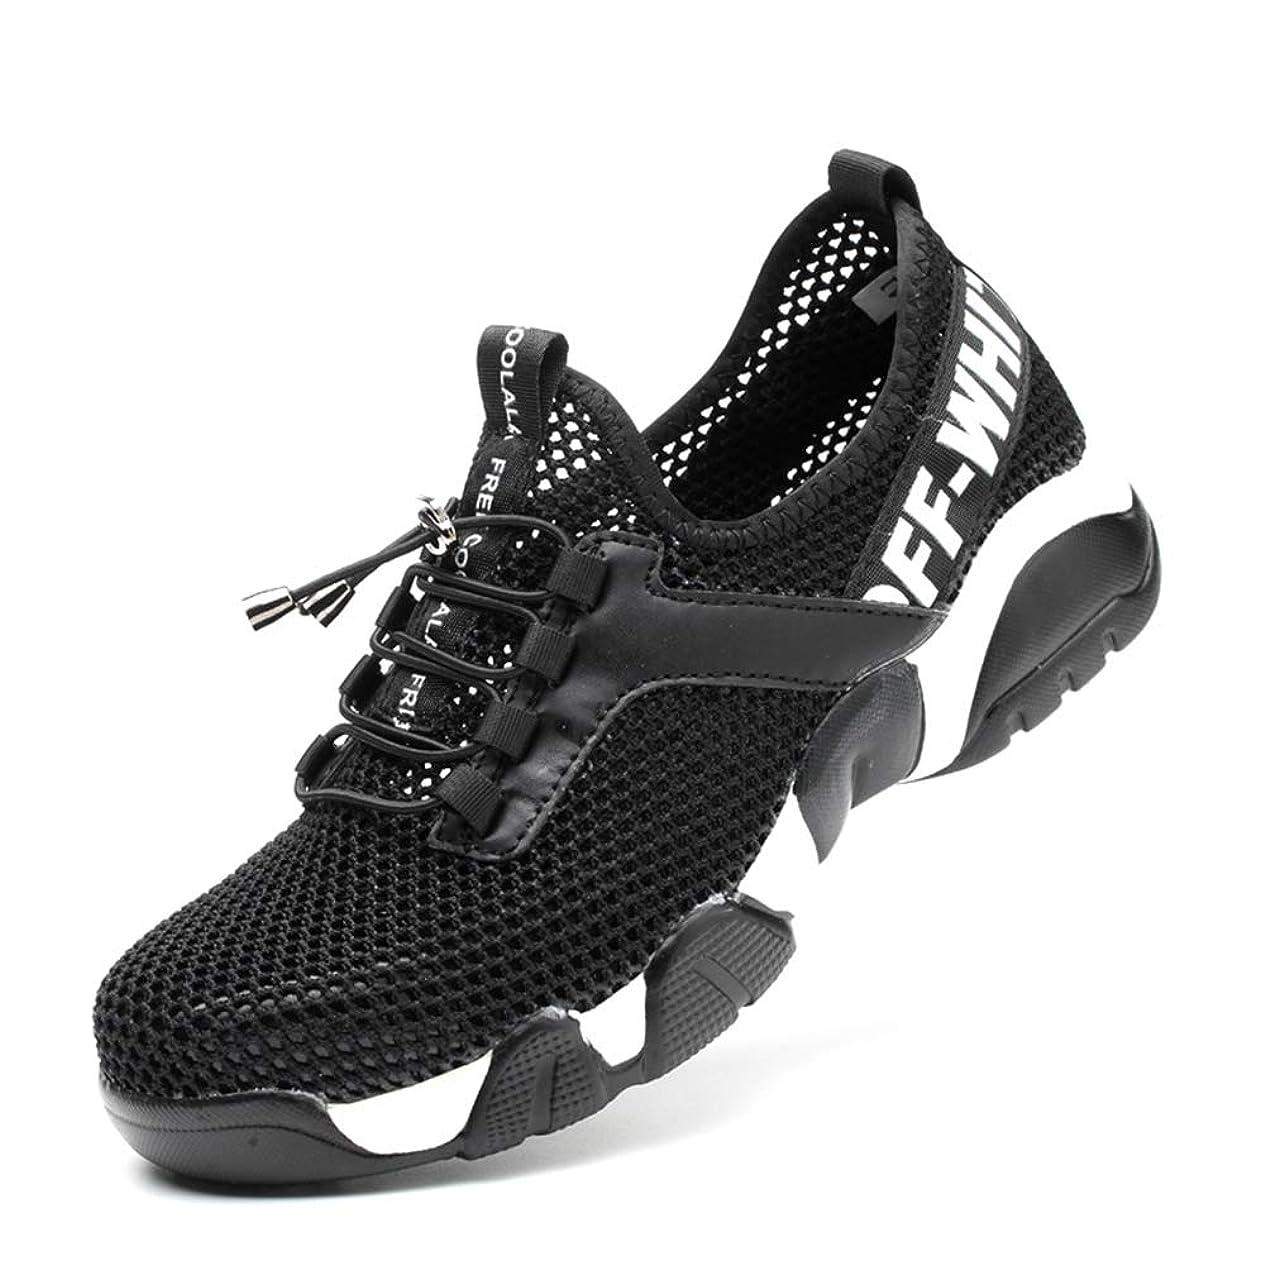 音声説得力のある前提条件[SUADEEX] 安全靴 スニーカー 作業靴 ワーキングシューズ 鋼先芯 通気性 耐油 セーフティーシューズ 耐滑 衝撃吸収 耐摩耗 メンズ レディース JB-536